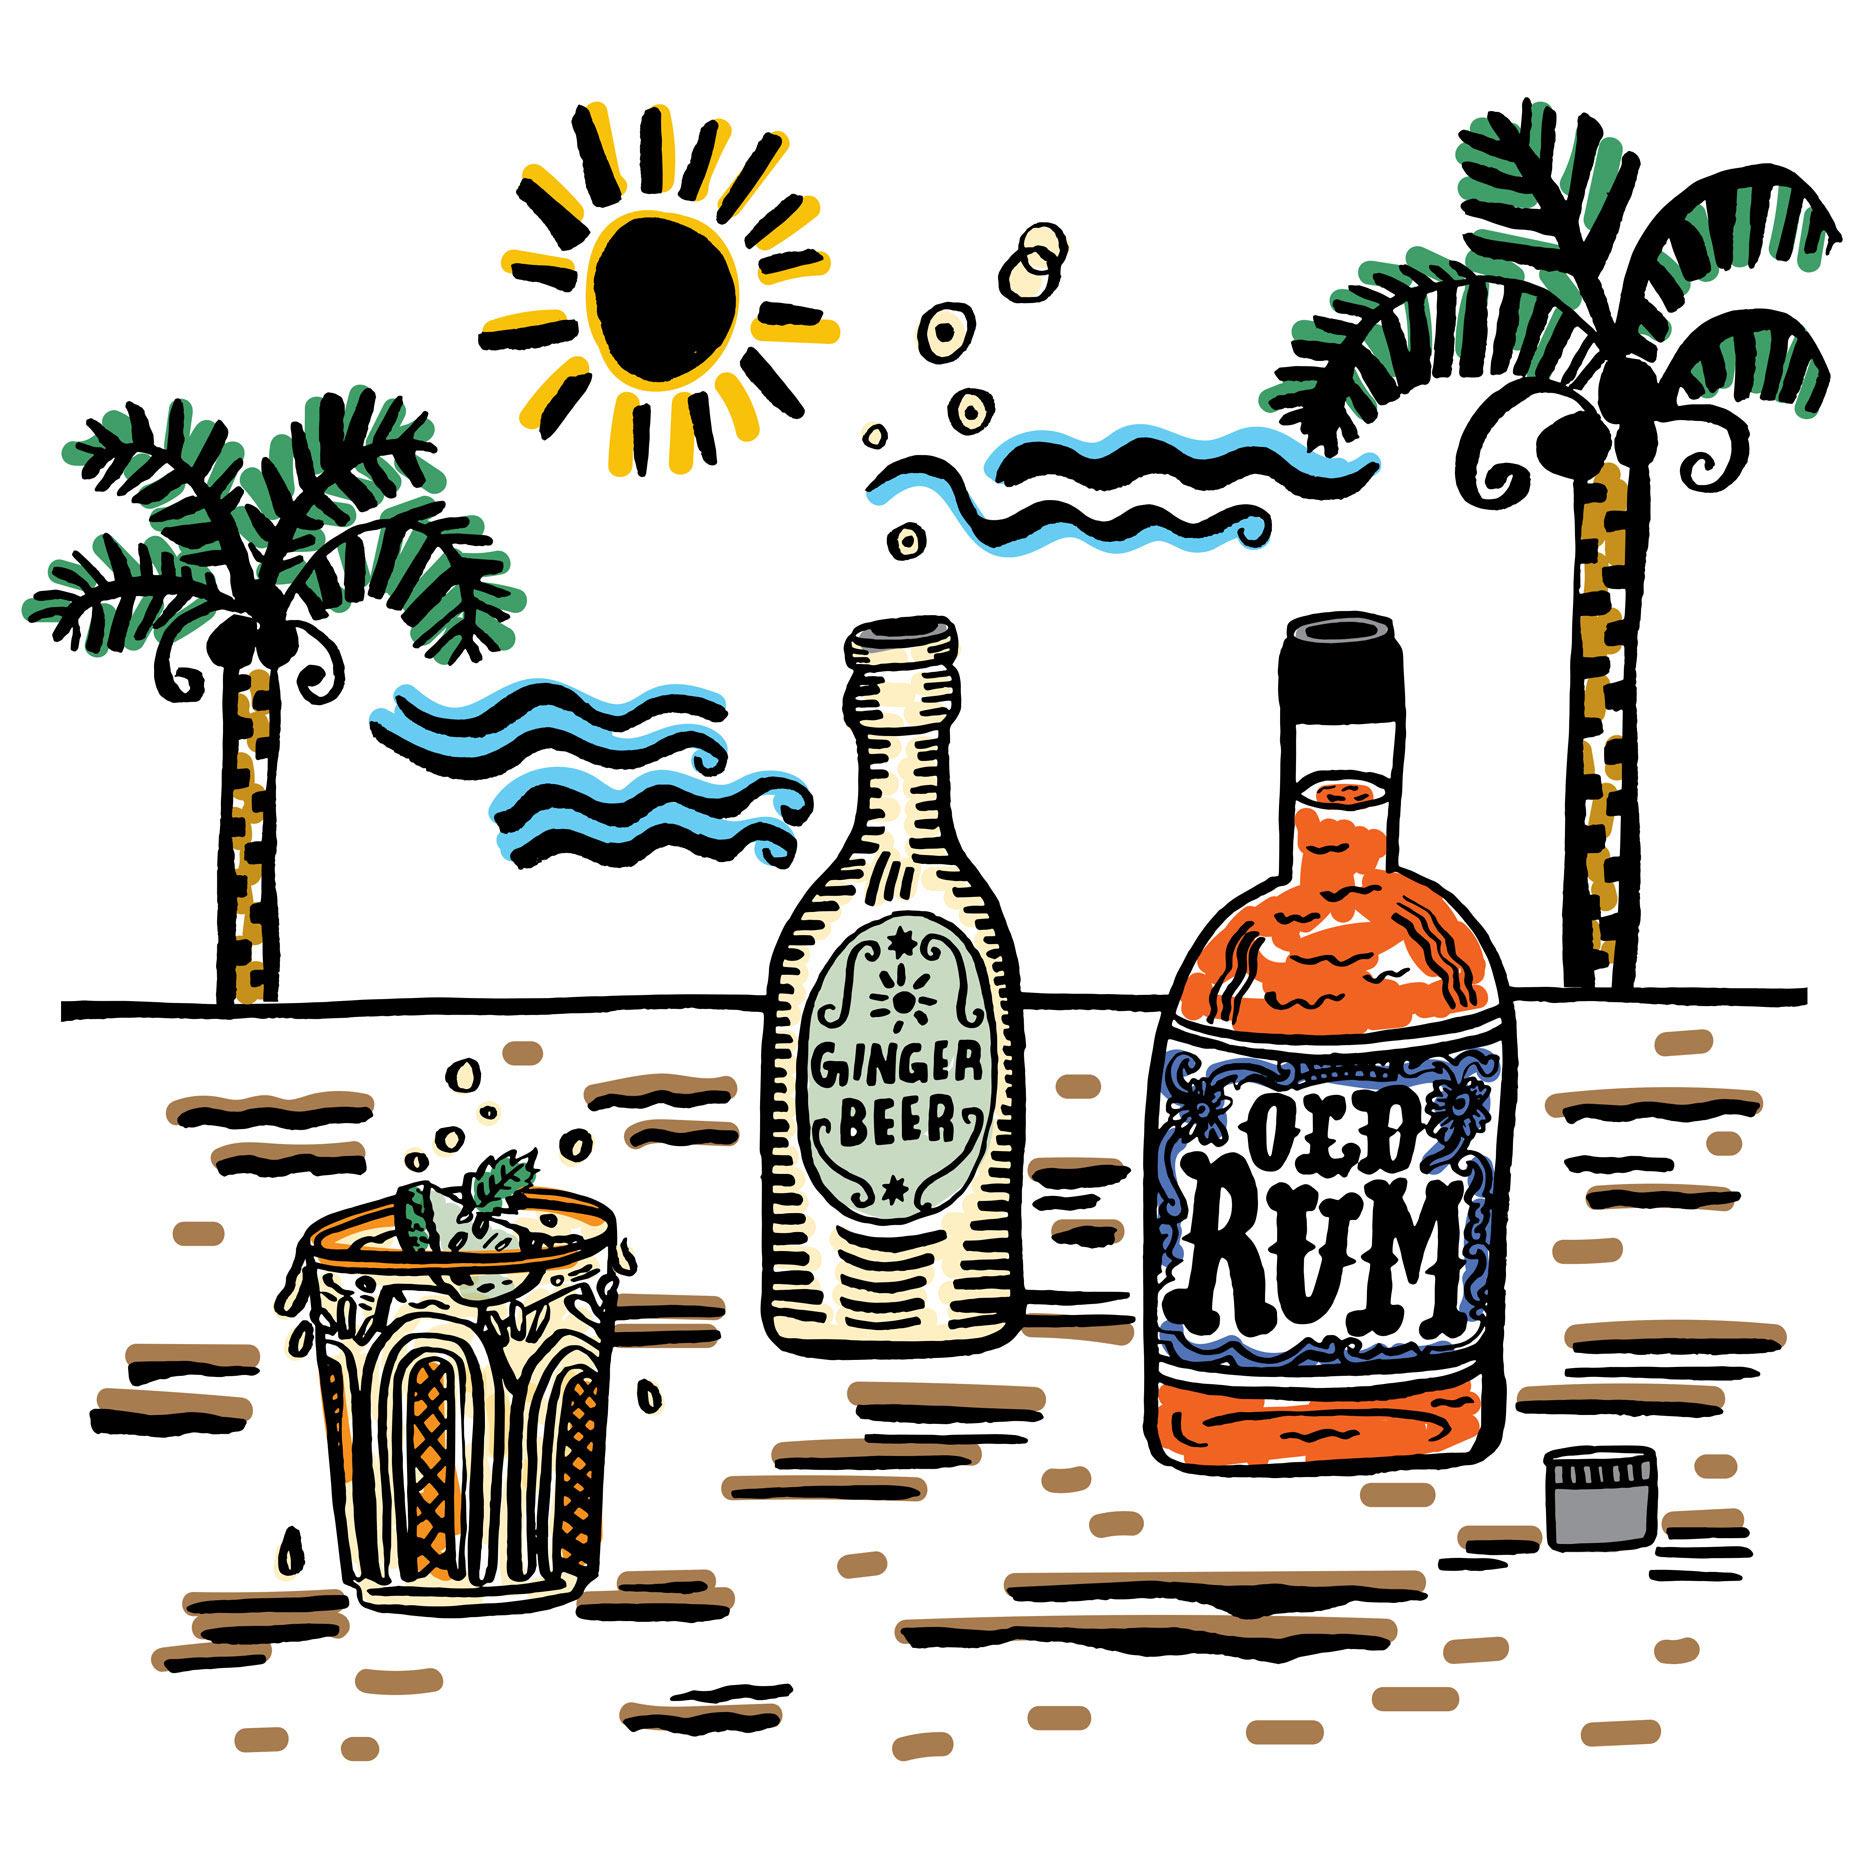 dark_rum_ginger_beer.jpg